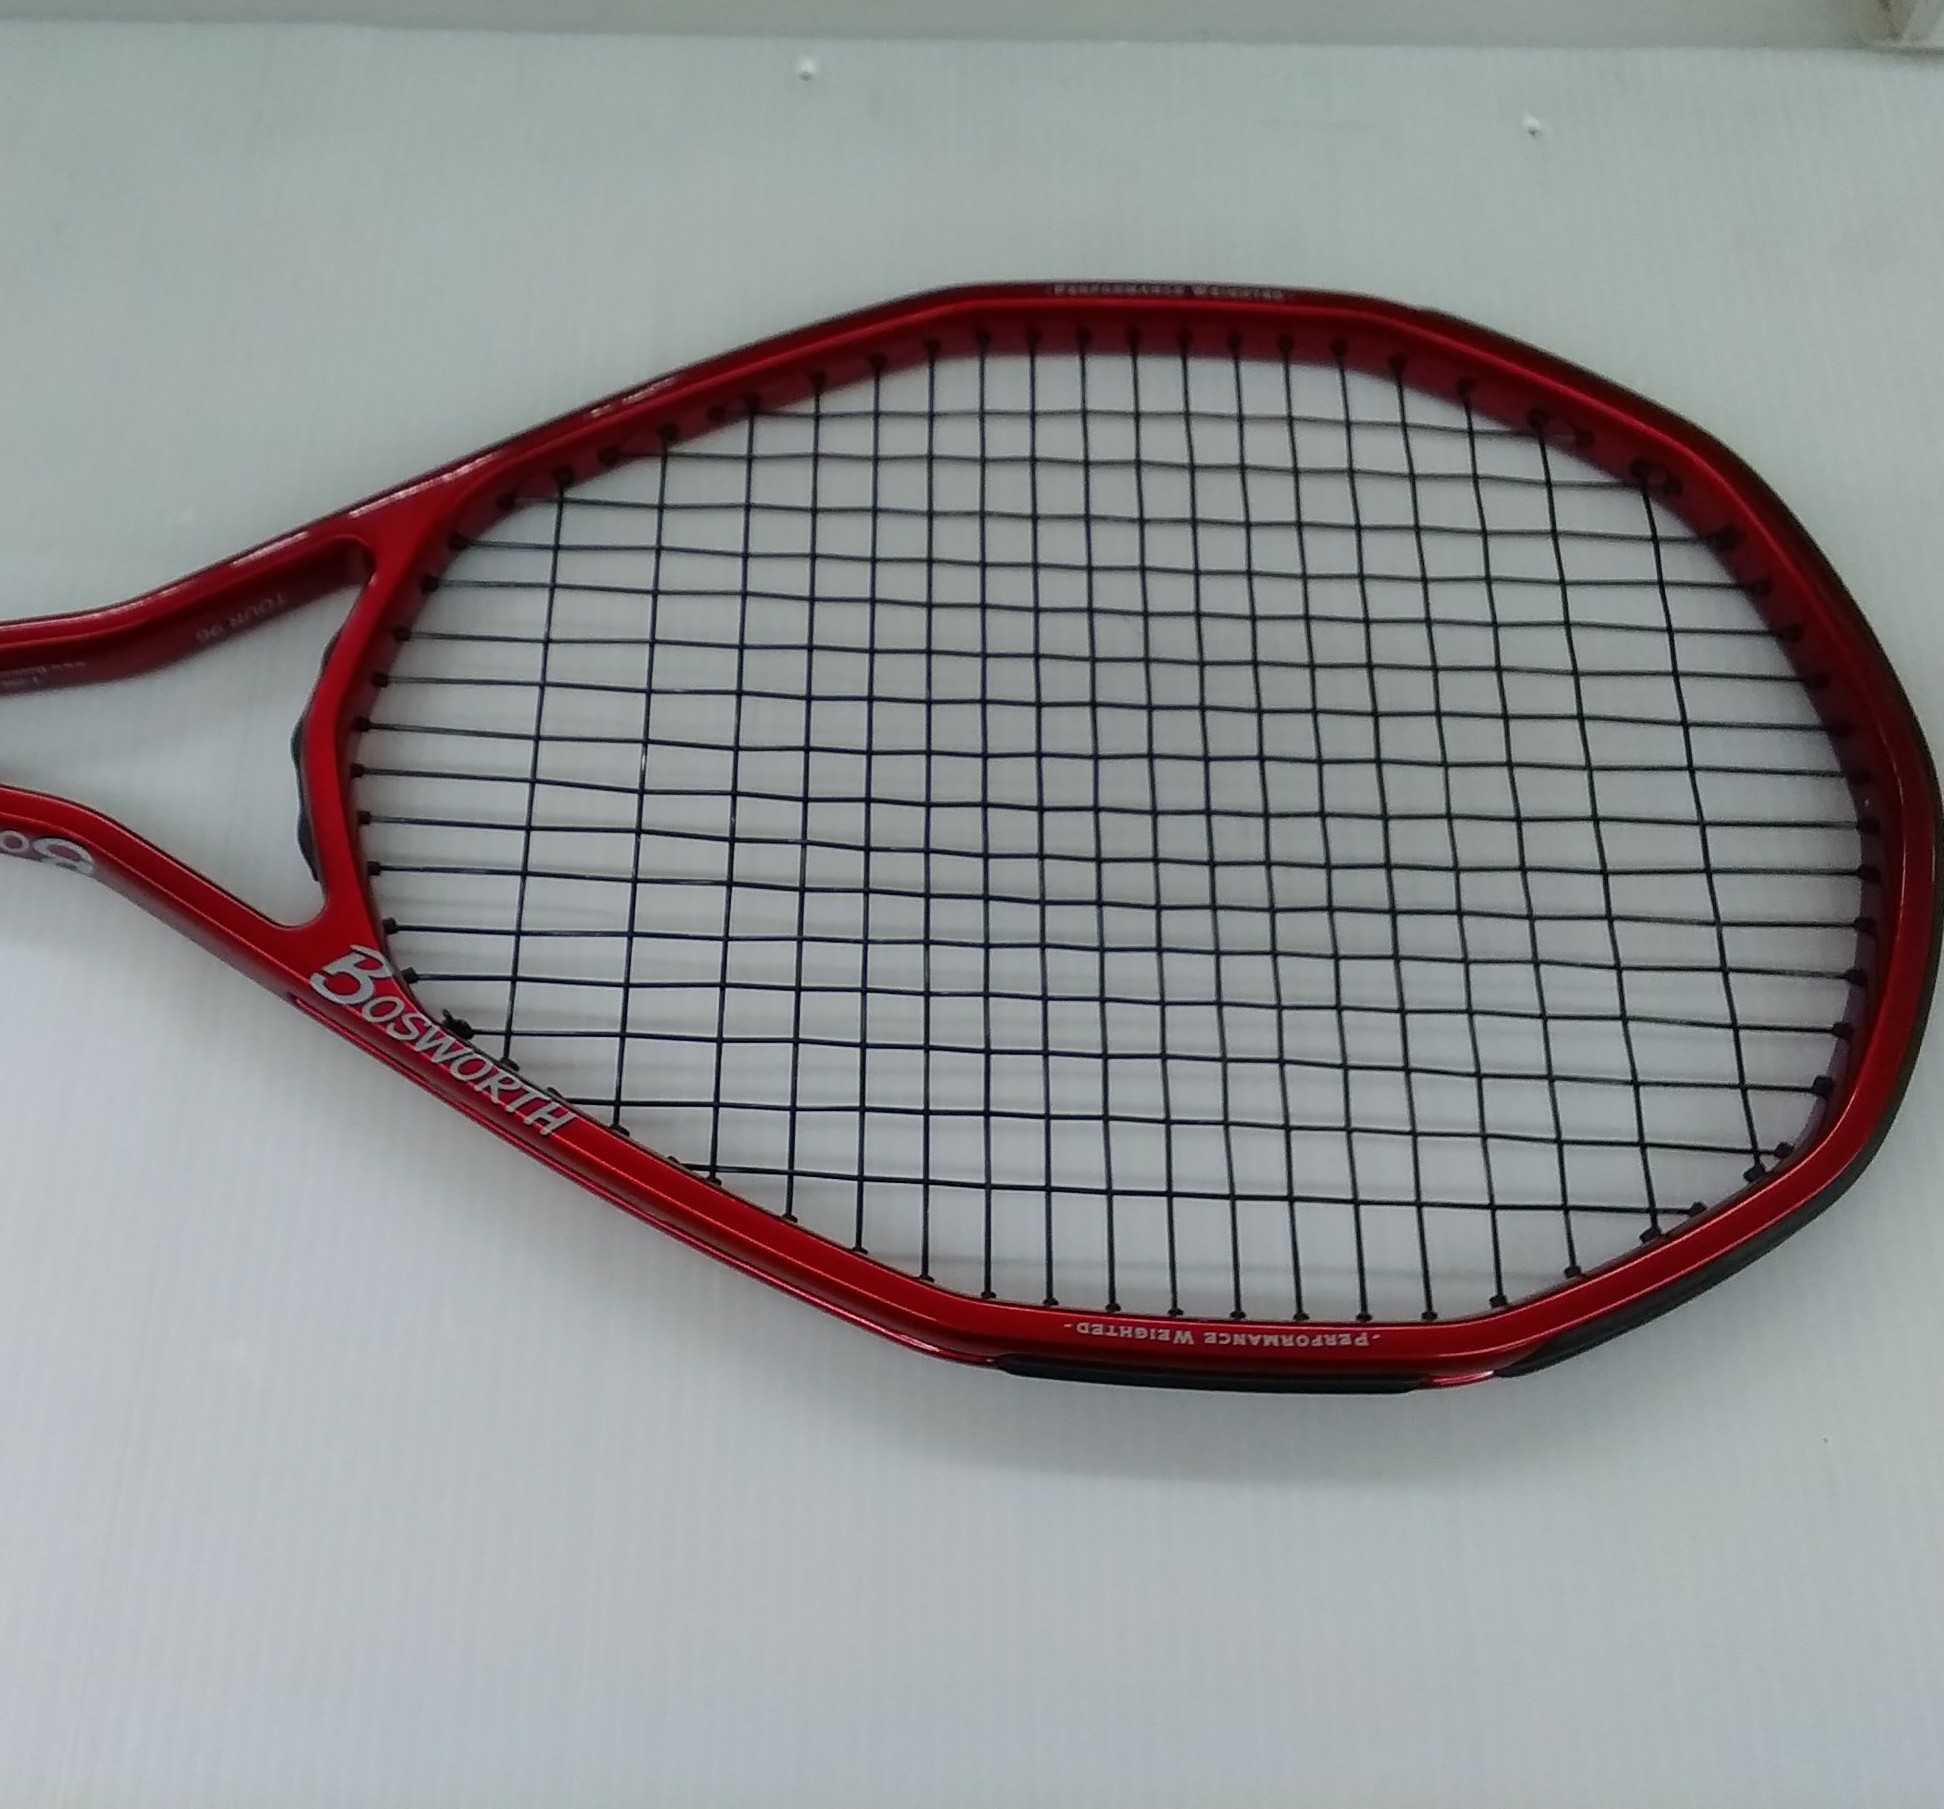 テニスラケット|BOSWORTH